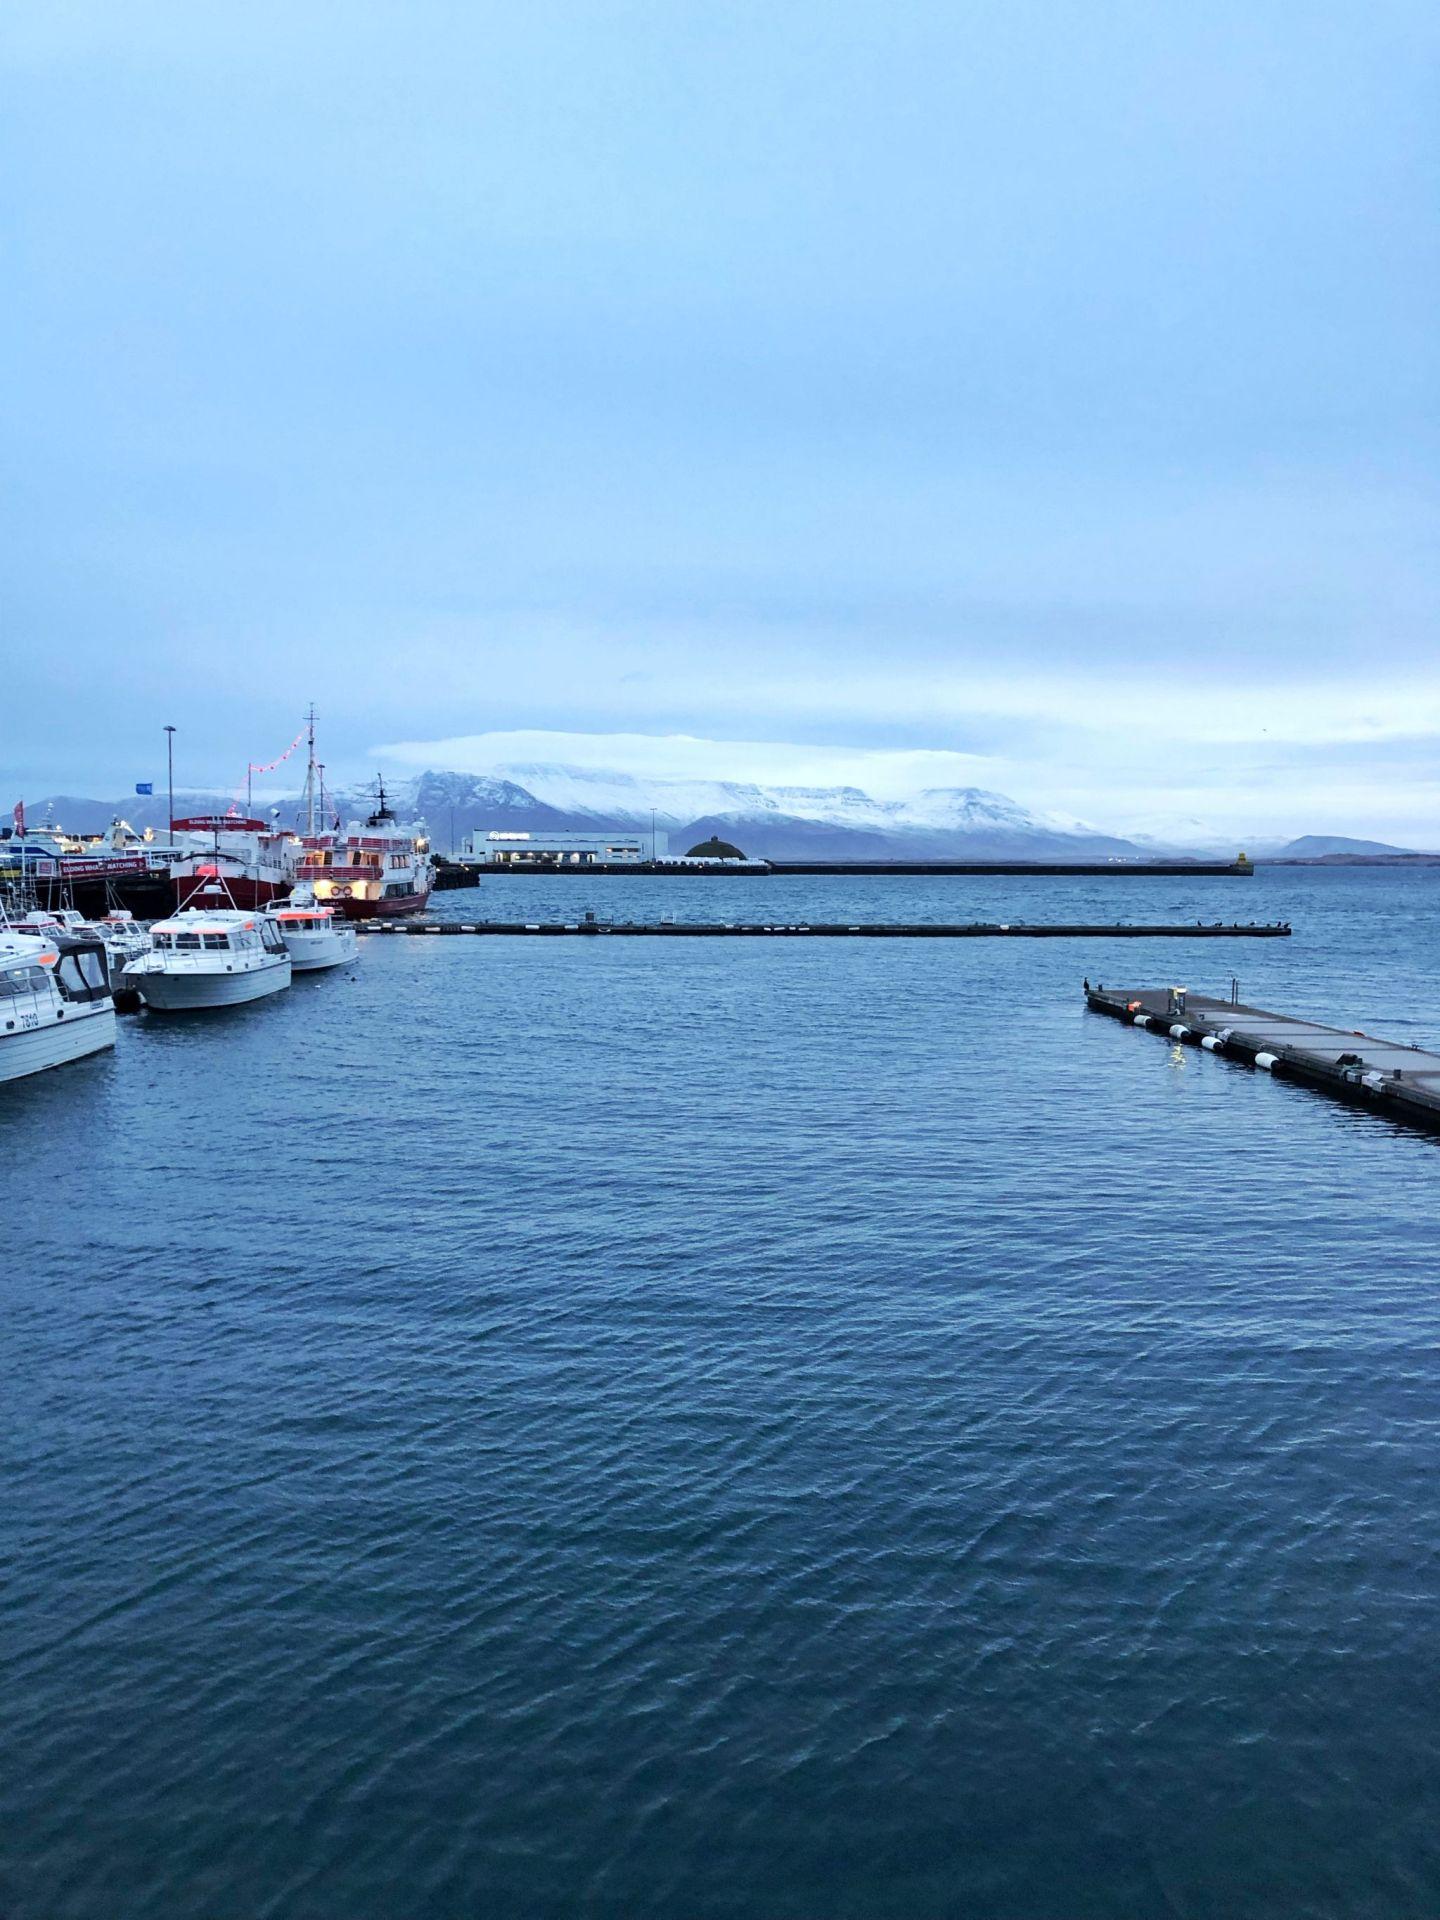 Reyjkavik Fjord